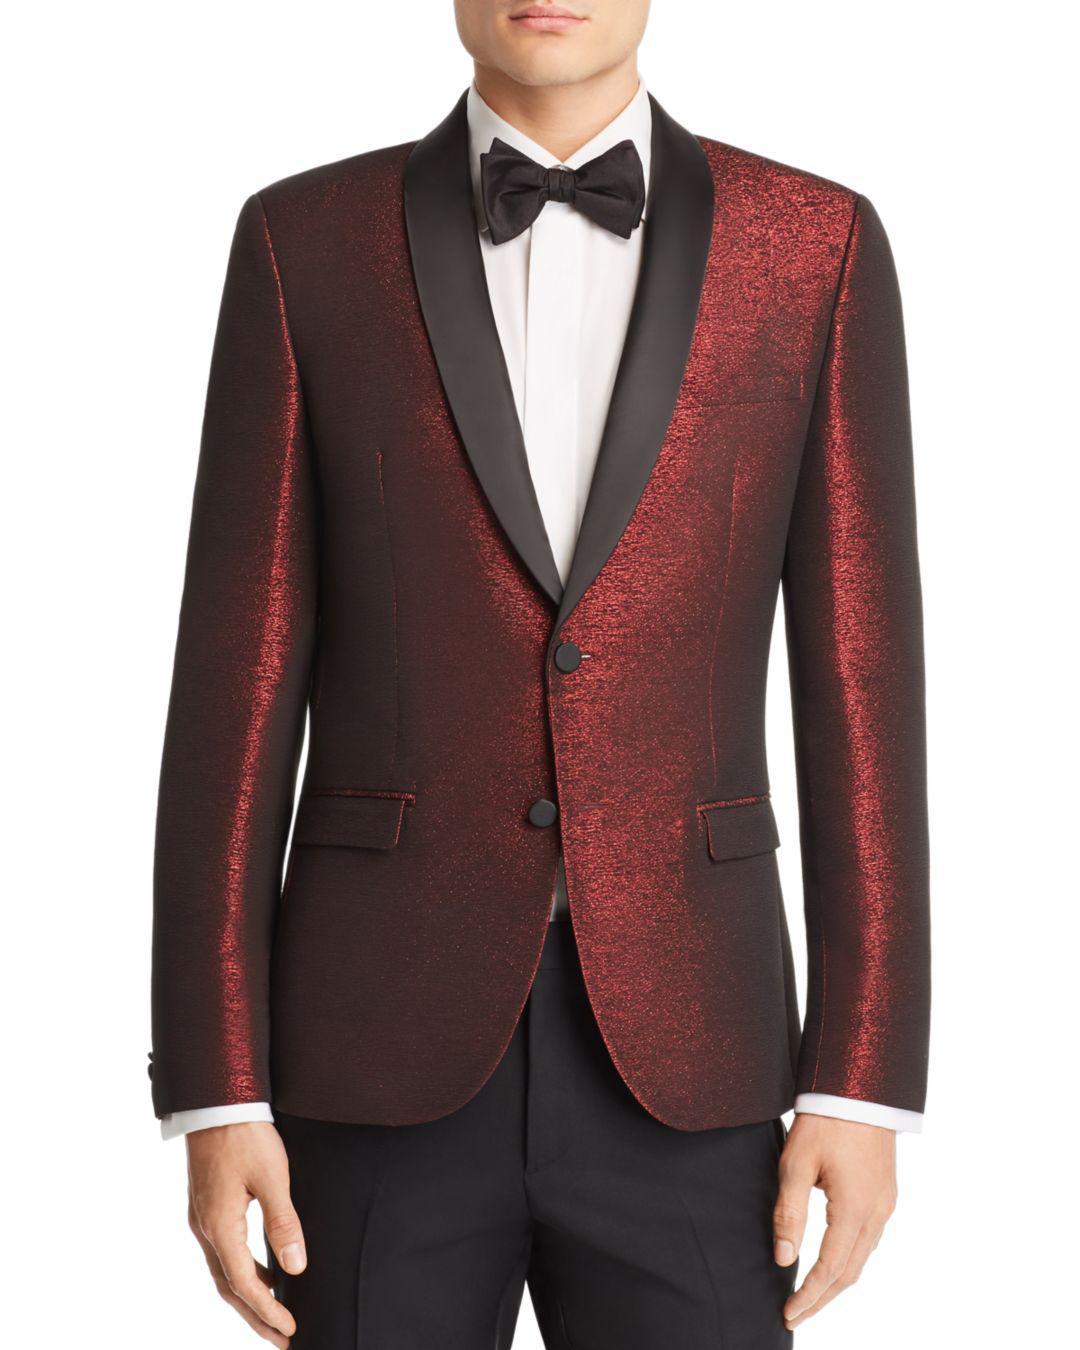 c6e9cbe8 HUGO - Red Arti Sparkle Slim Fit Tuxedo Jacket for Men - Lyst. View  fullscreen